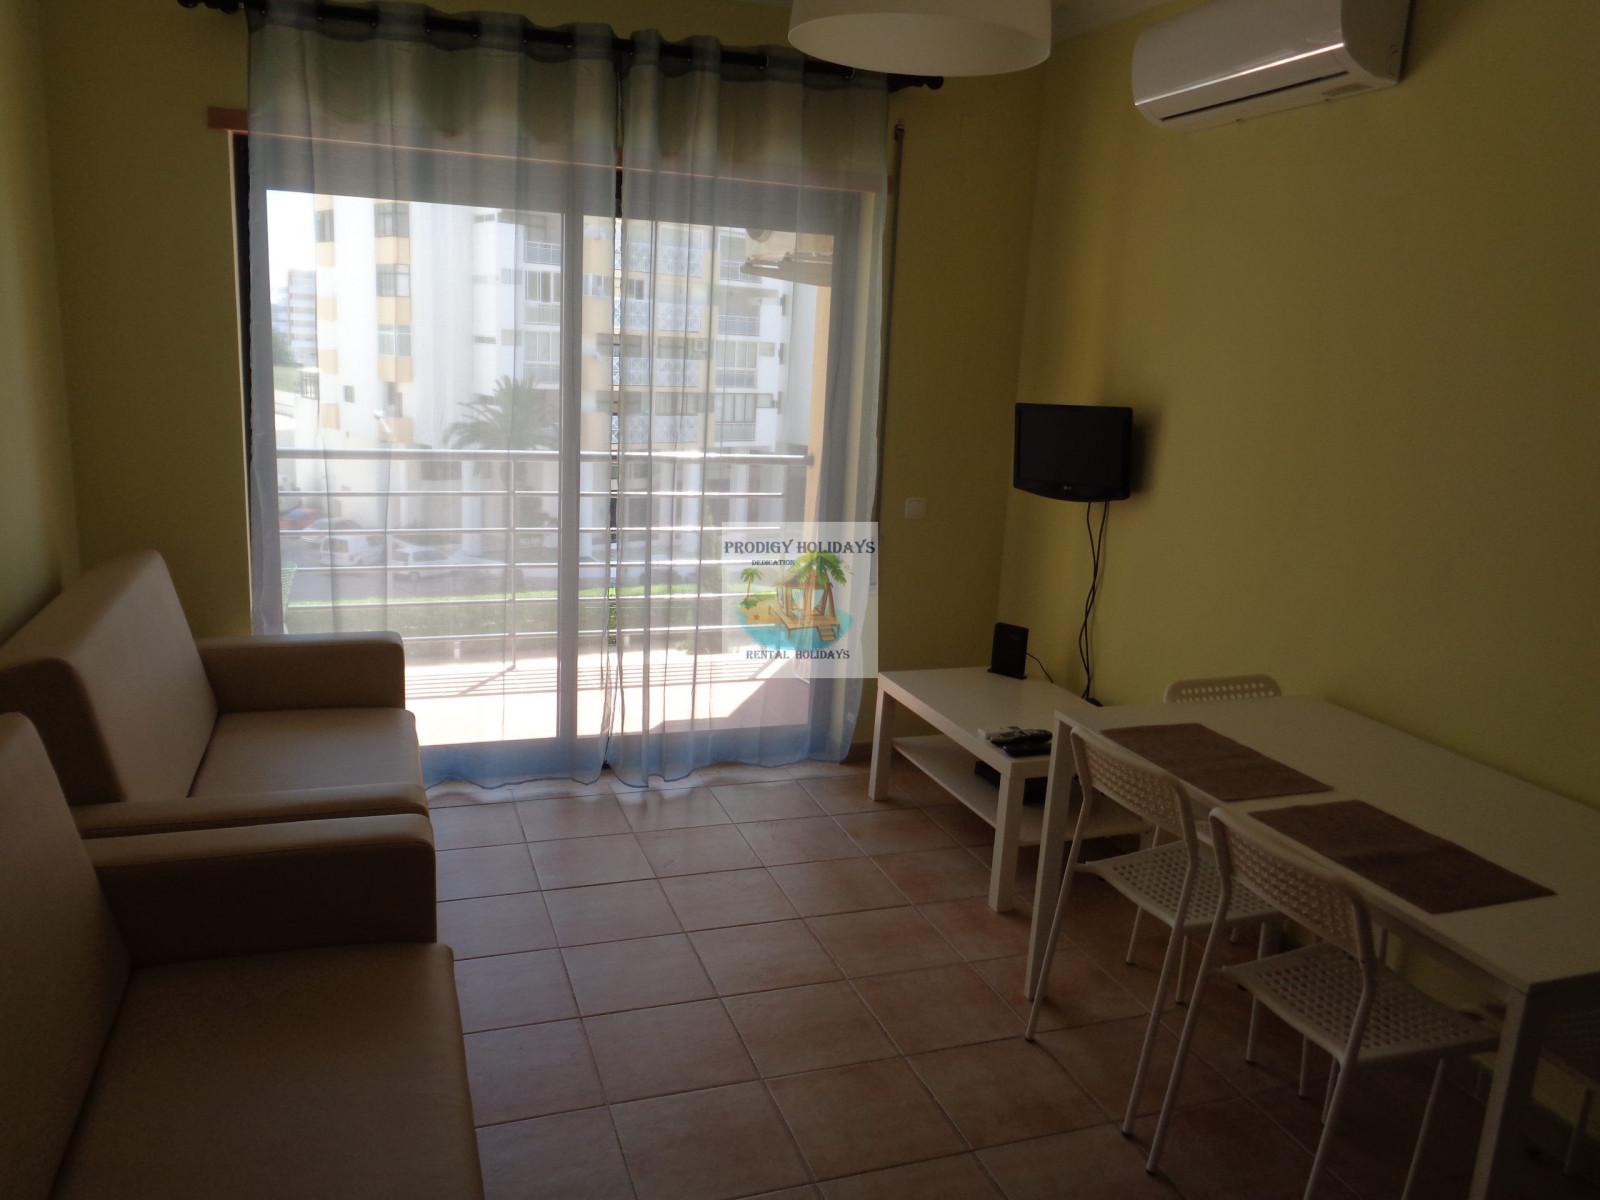 imagens-apartamentos-86-scaled